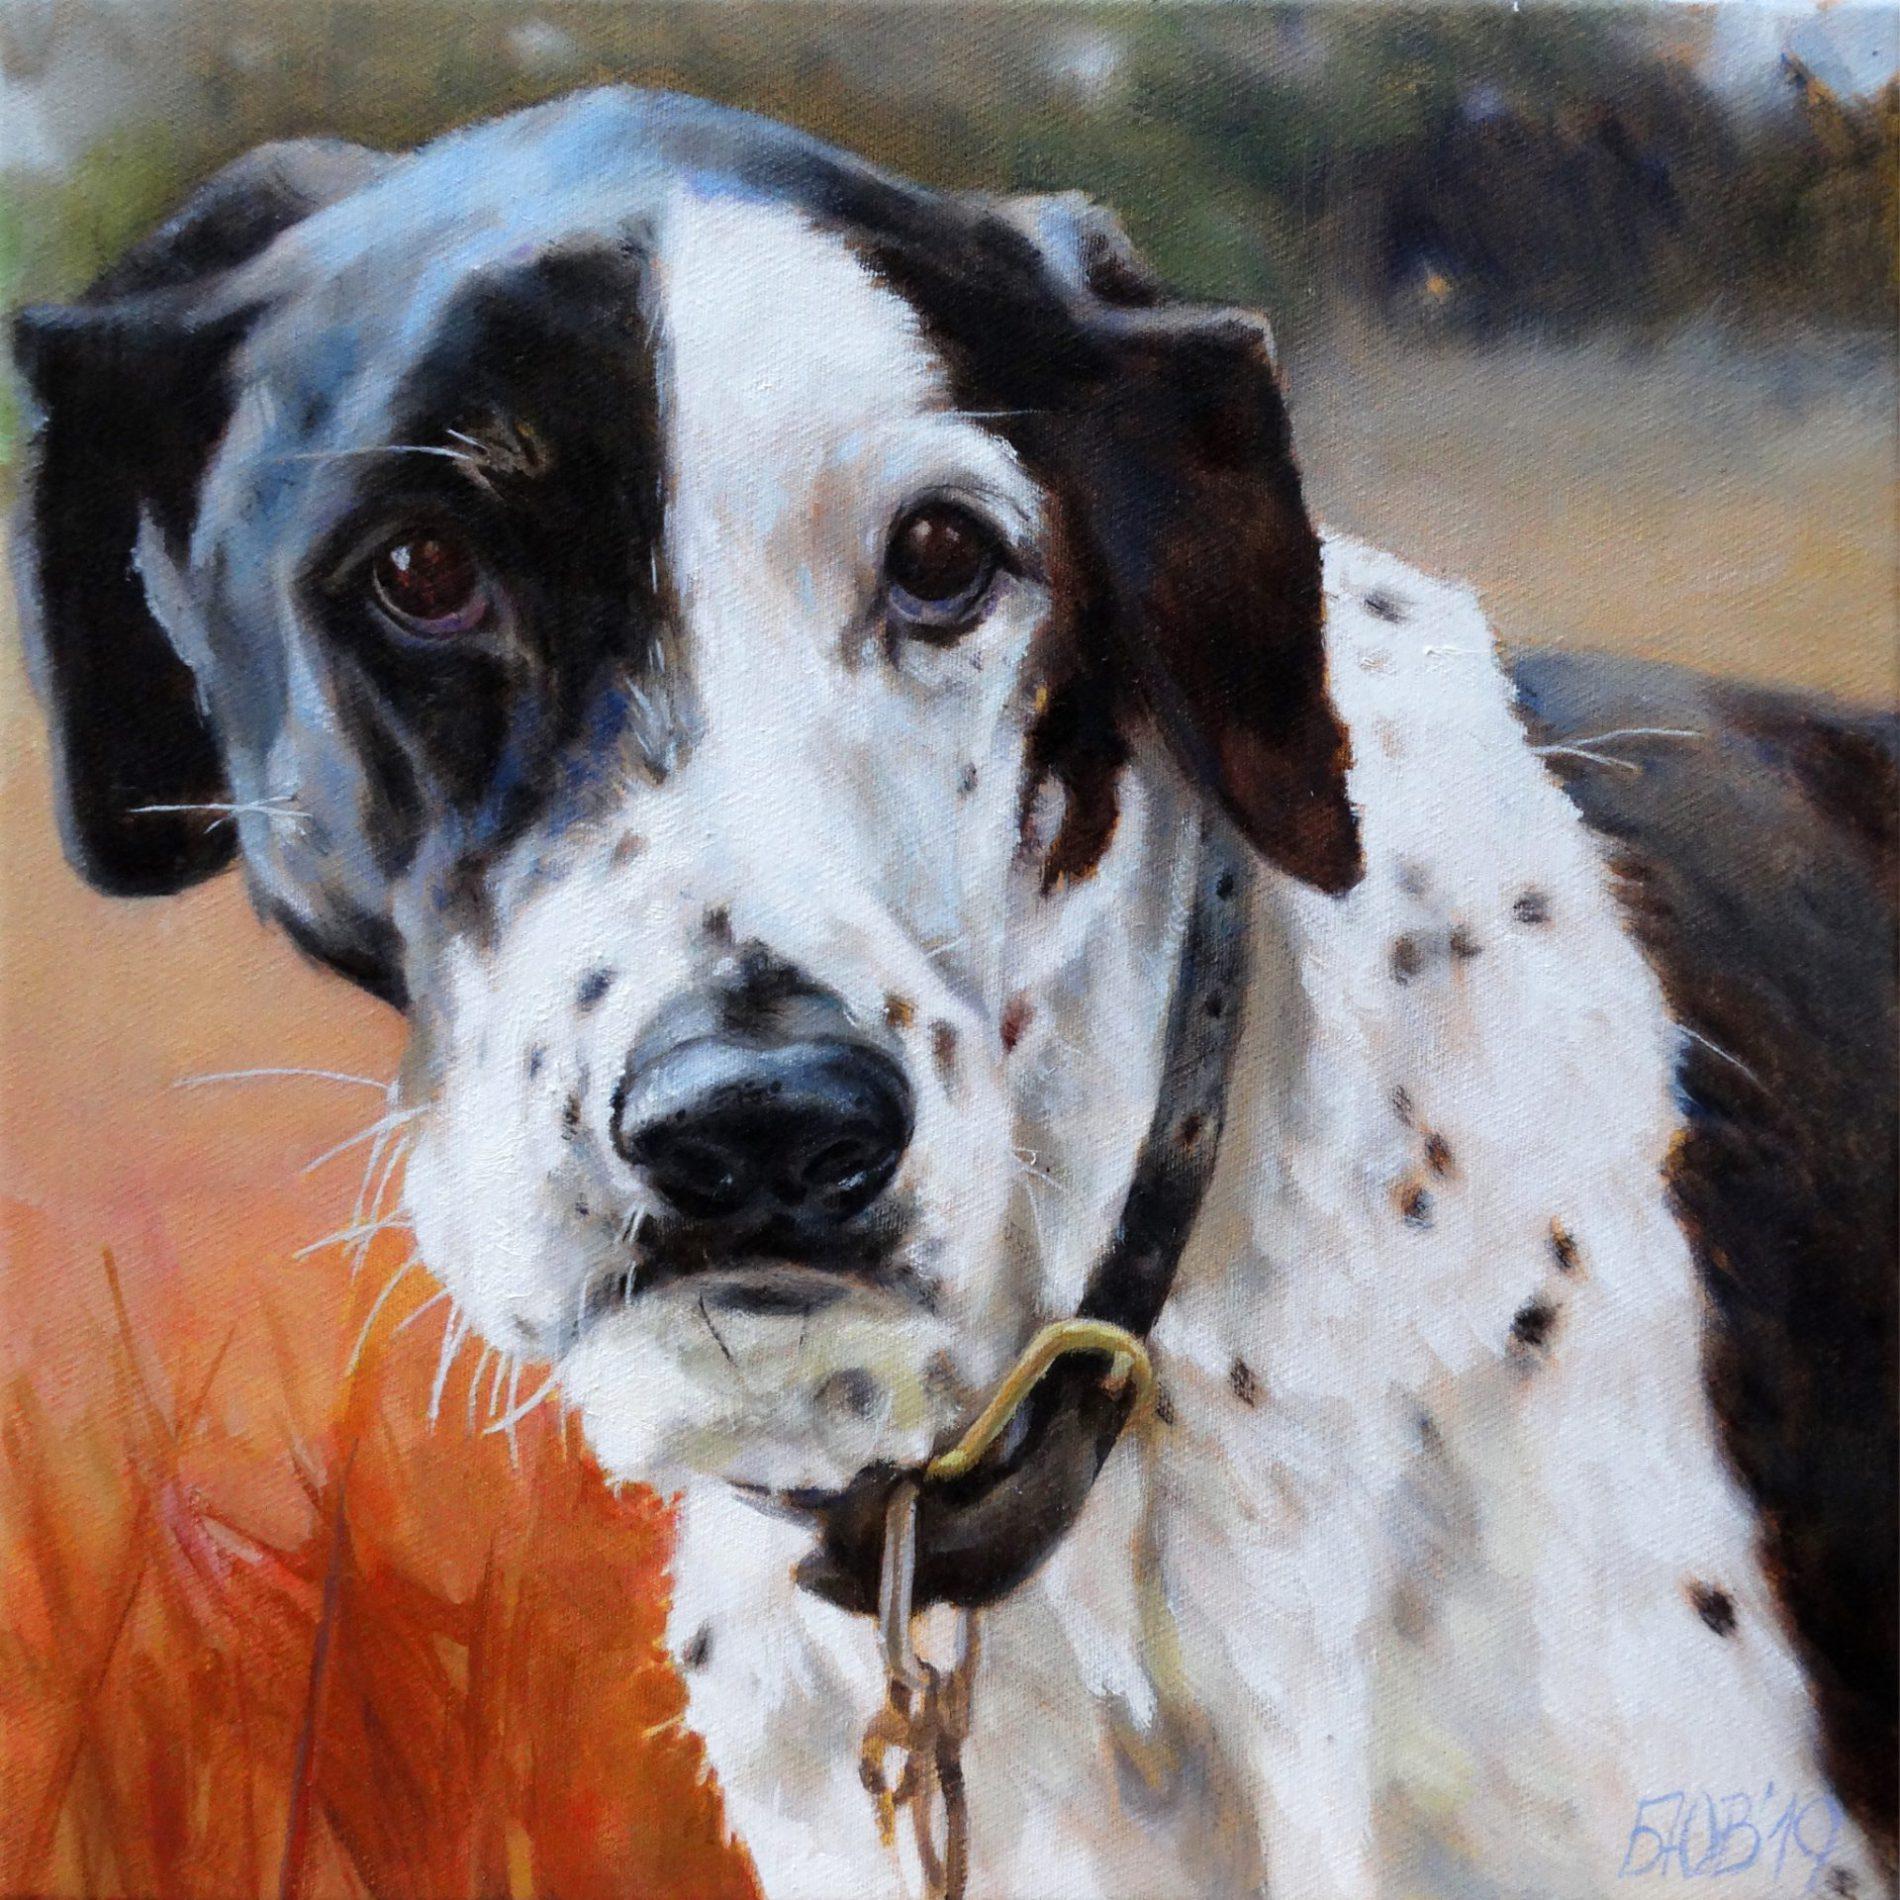 Gemälde von Julia Belot: Tierportait, Paul, Öl auf Leinwand, 35 cm x 35 cm, 2019